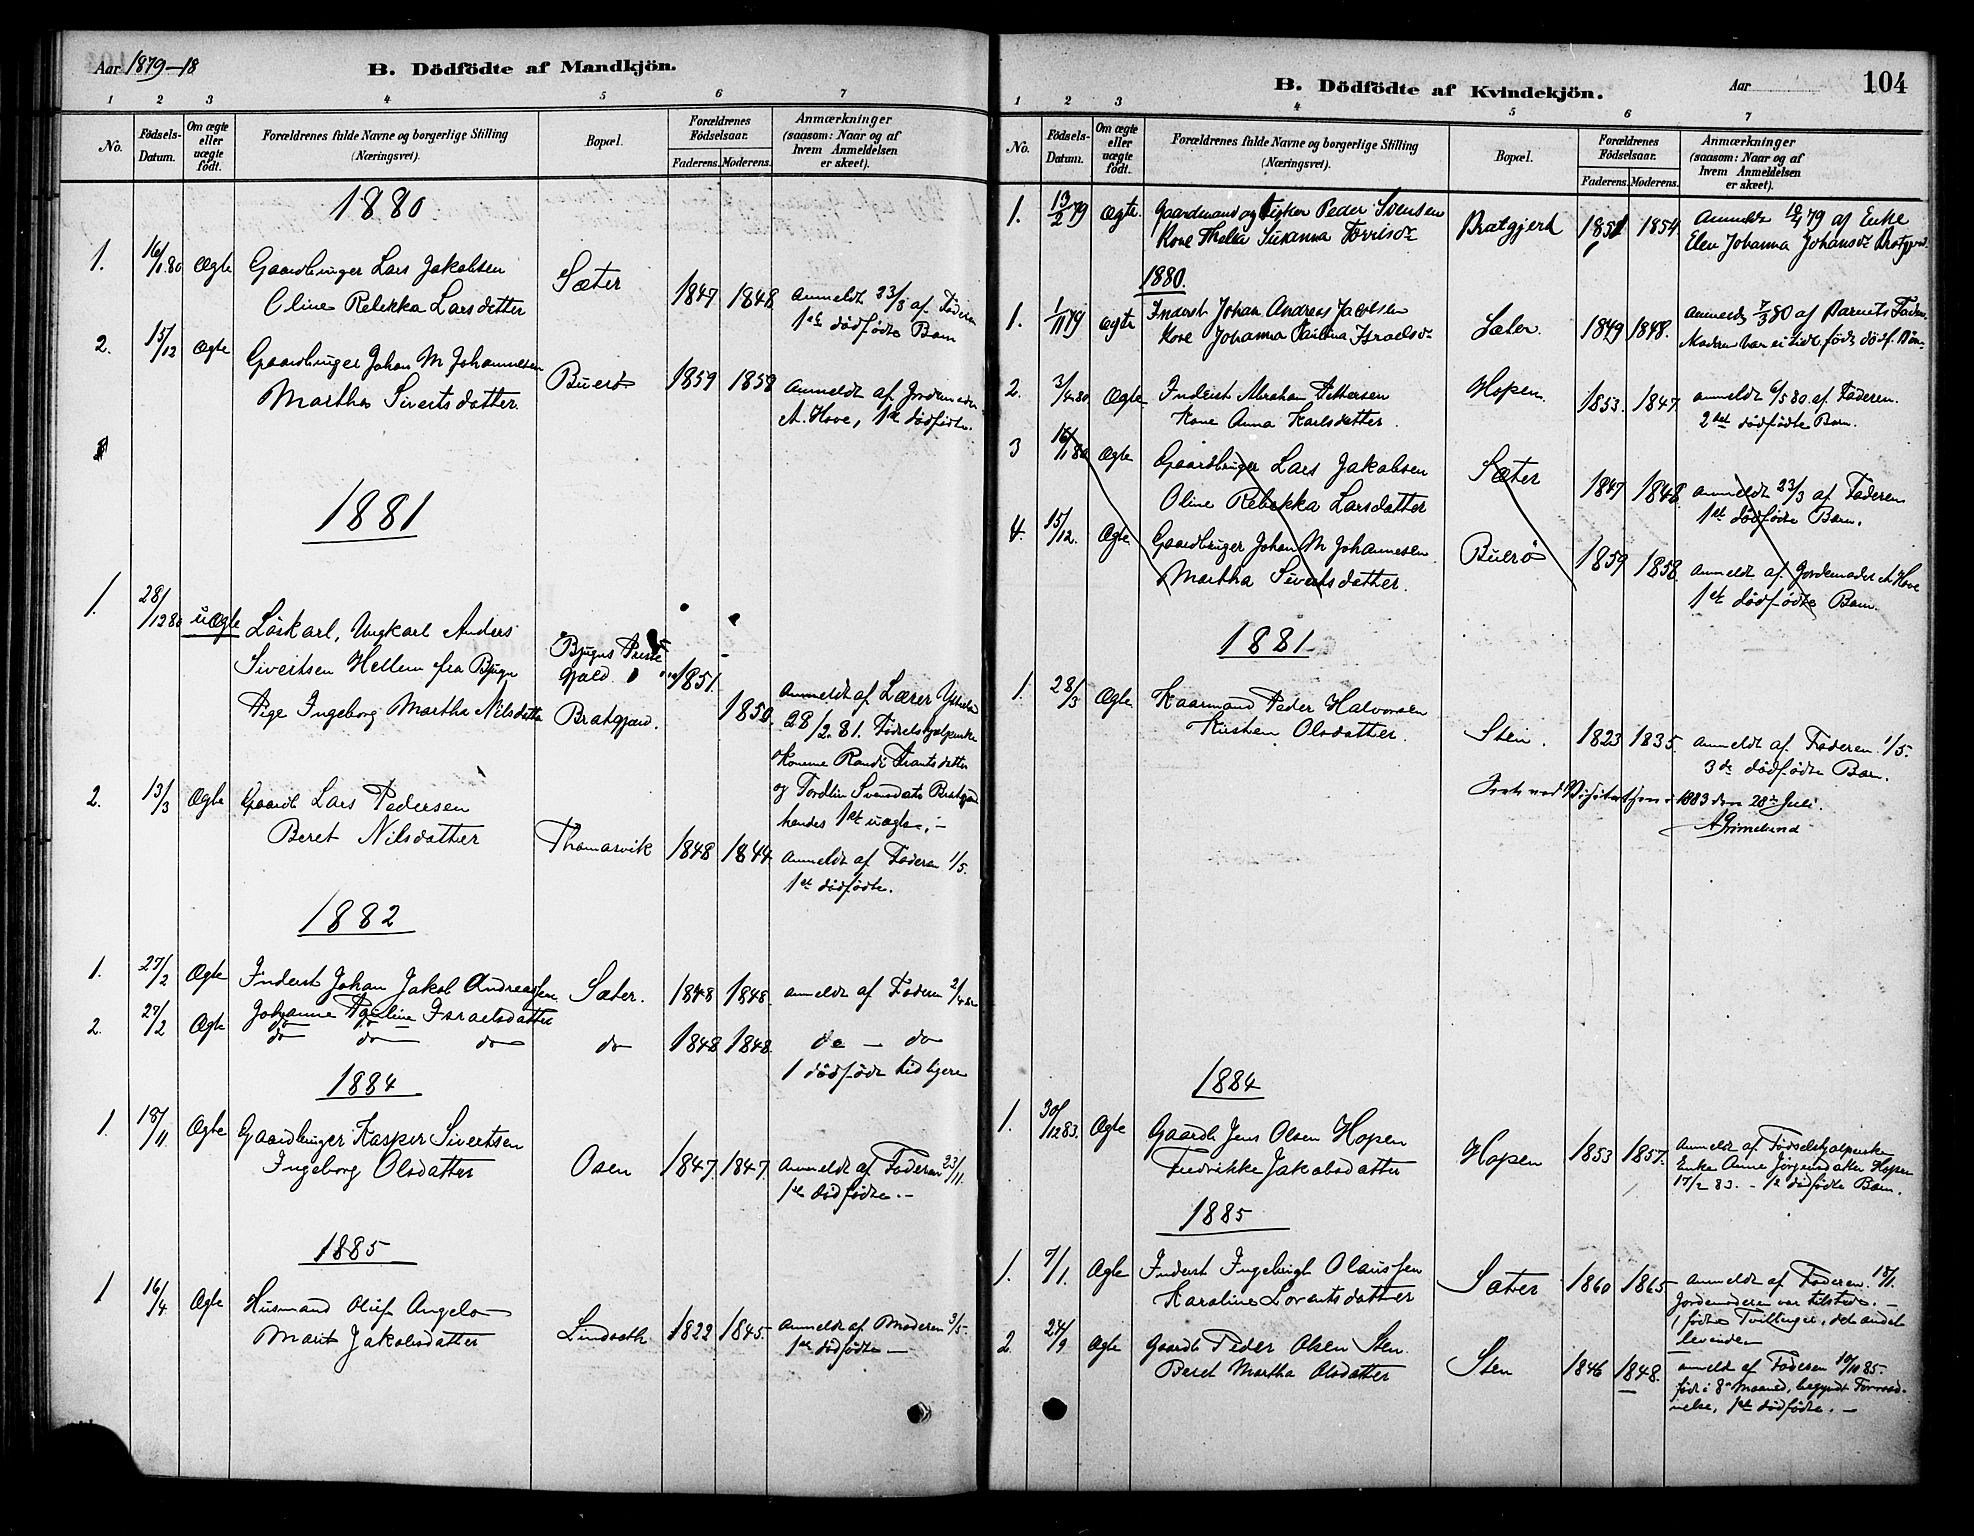 SAT, Ministerialprotokoller, klokkerbøker og fødselsregistre - Sør-Trøndelag, 658/L0722: Ministerialbok nr. 658A01, 1879-1896, s. 104